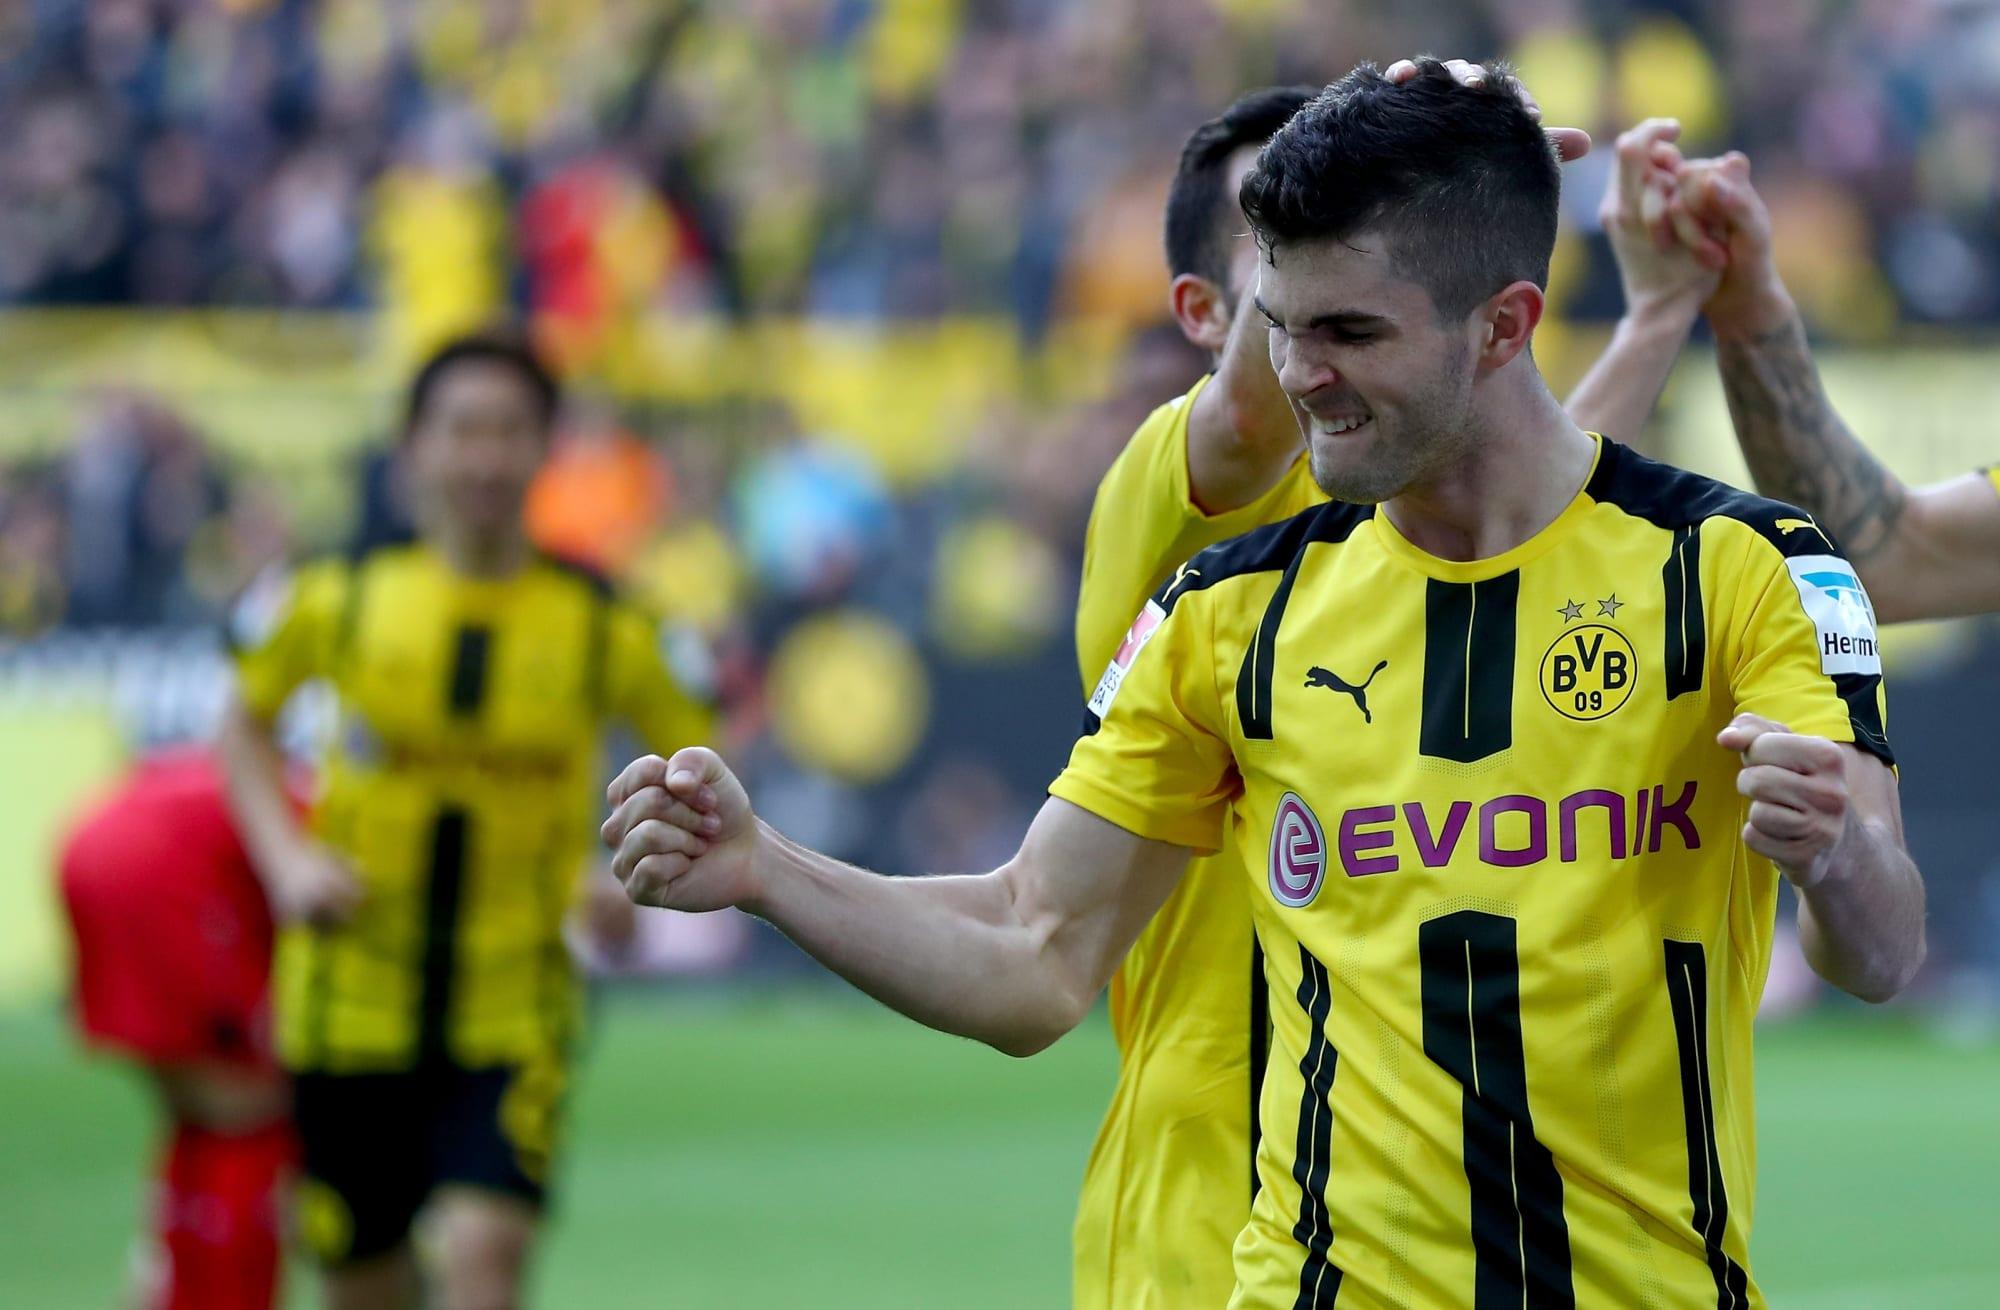 Joy Dortmund